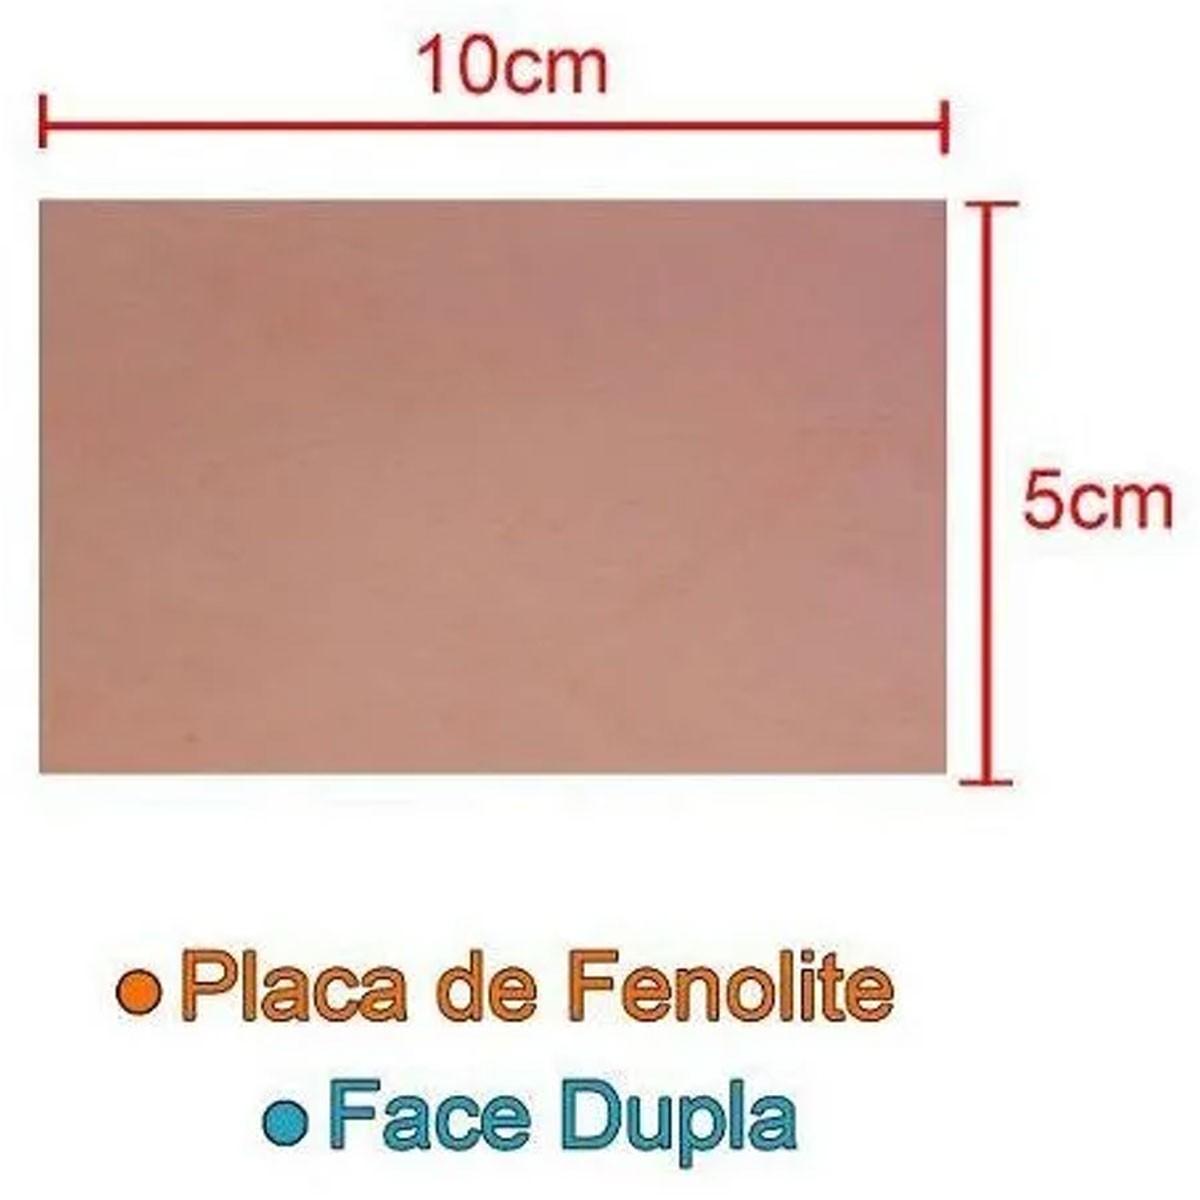 Placa De Fenolite 5x10cm Dupla Face para Circuito Impresso - PCI